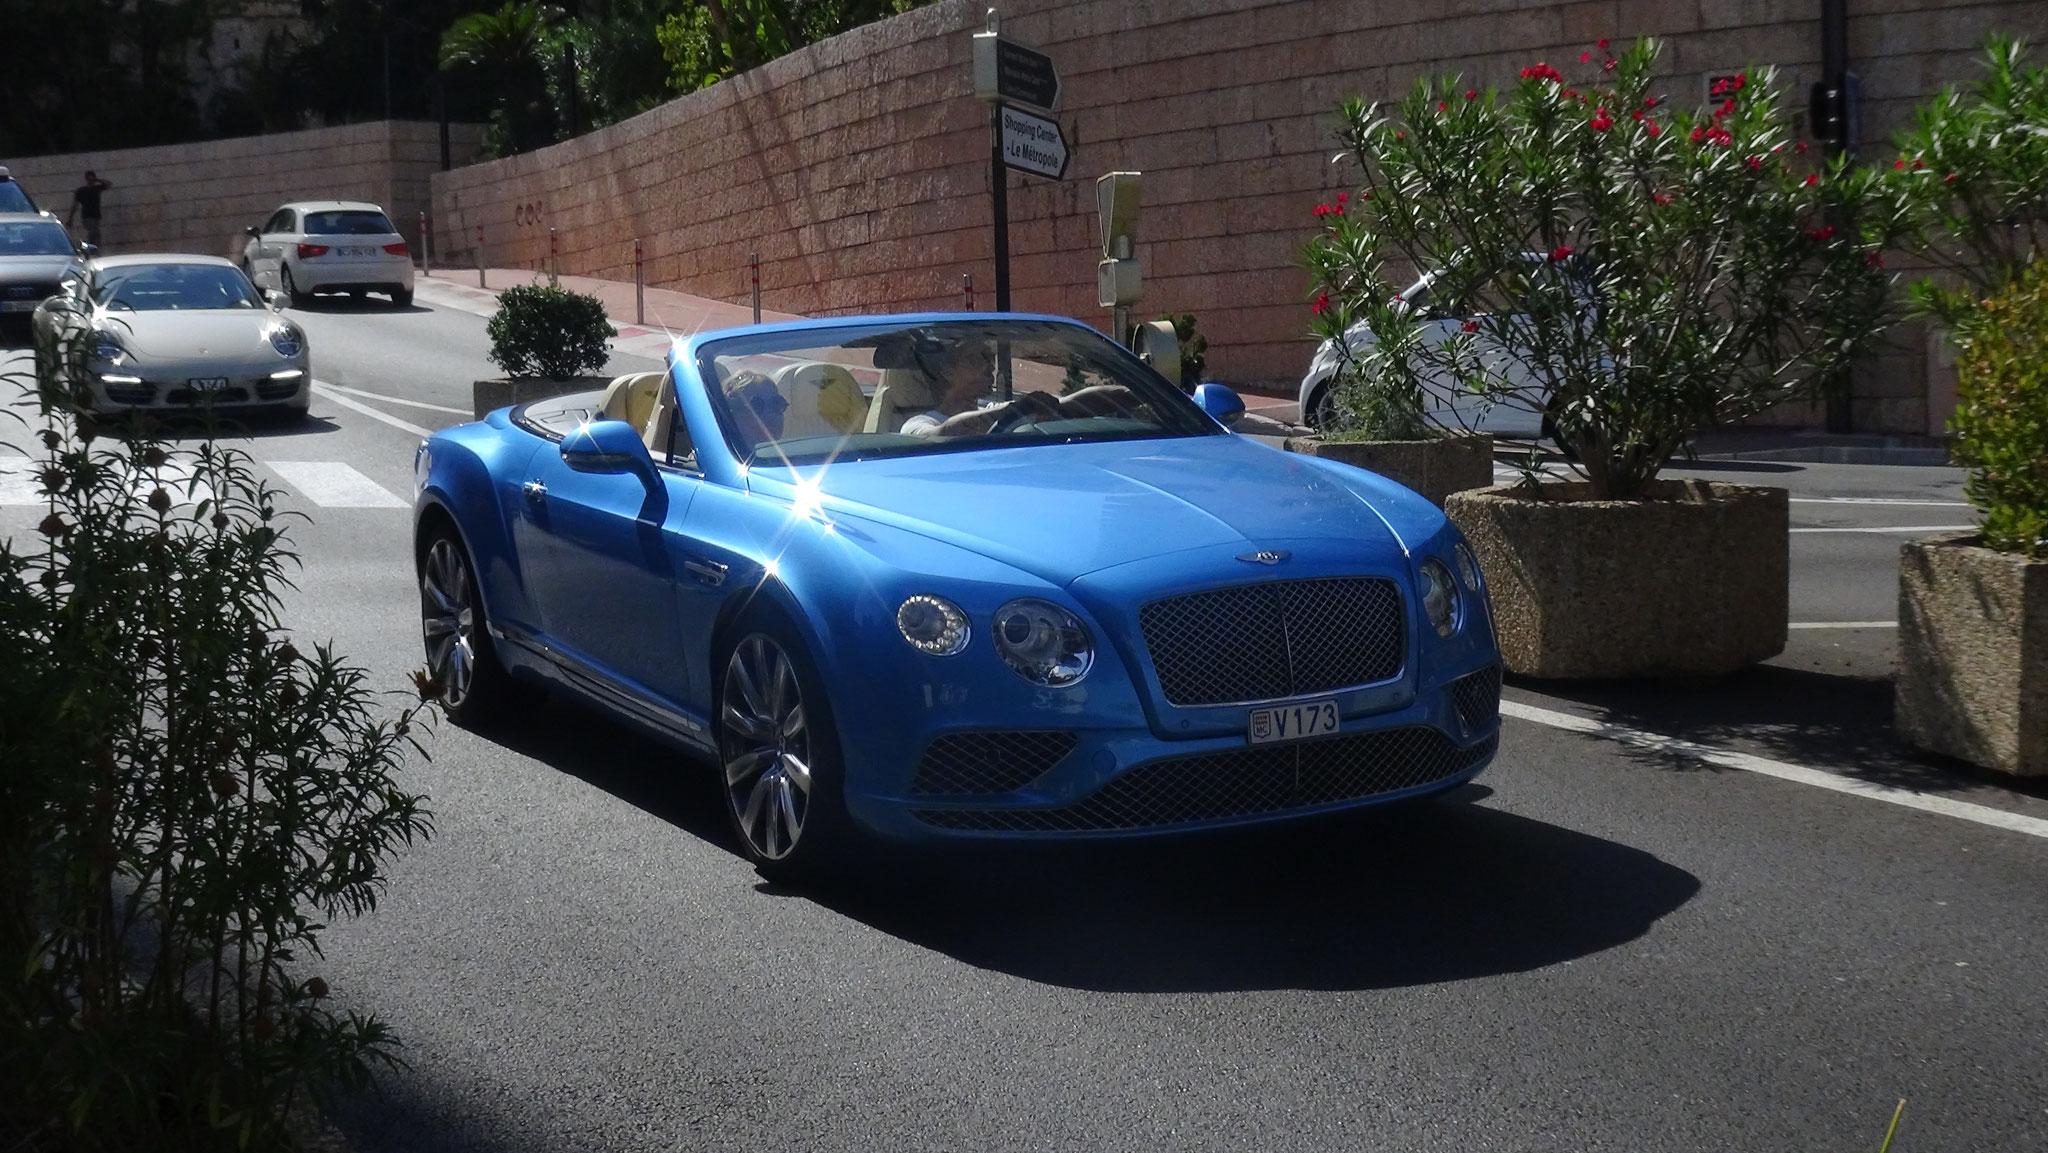 Bentley Continental GTC V8 S - V173 (MC)